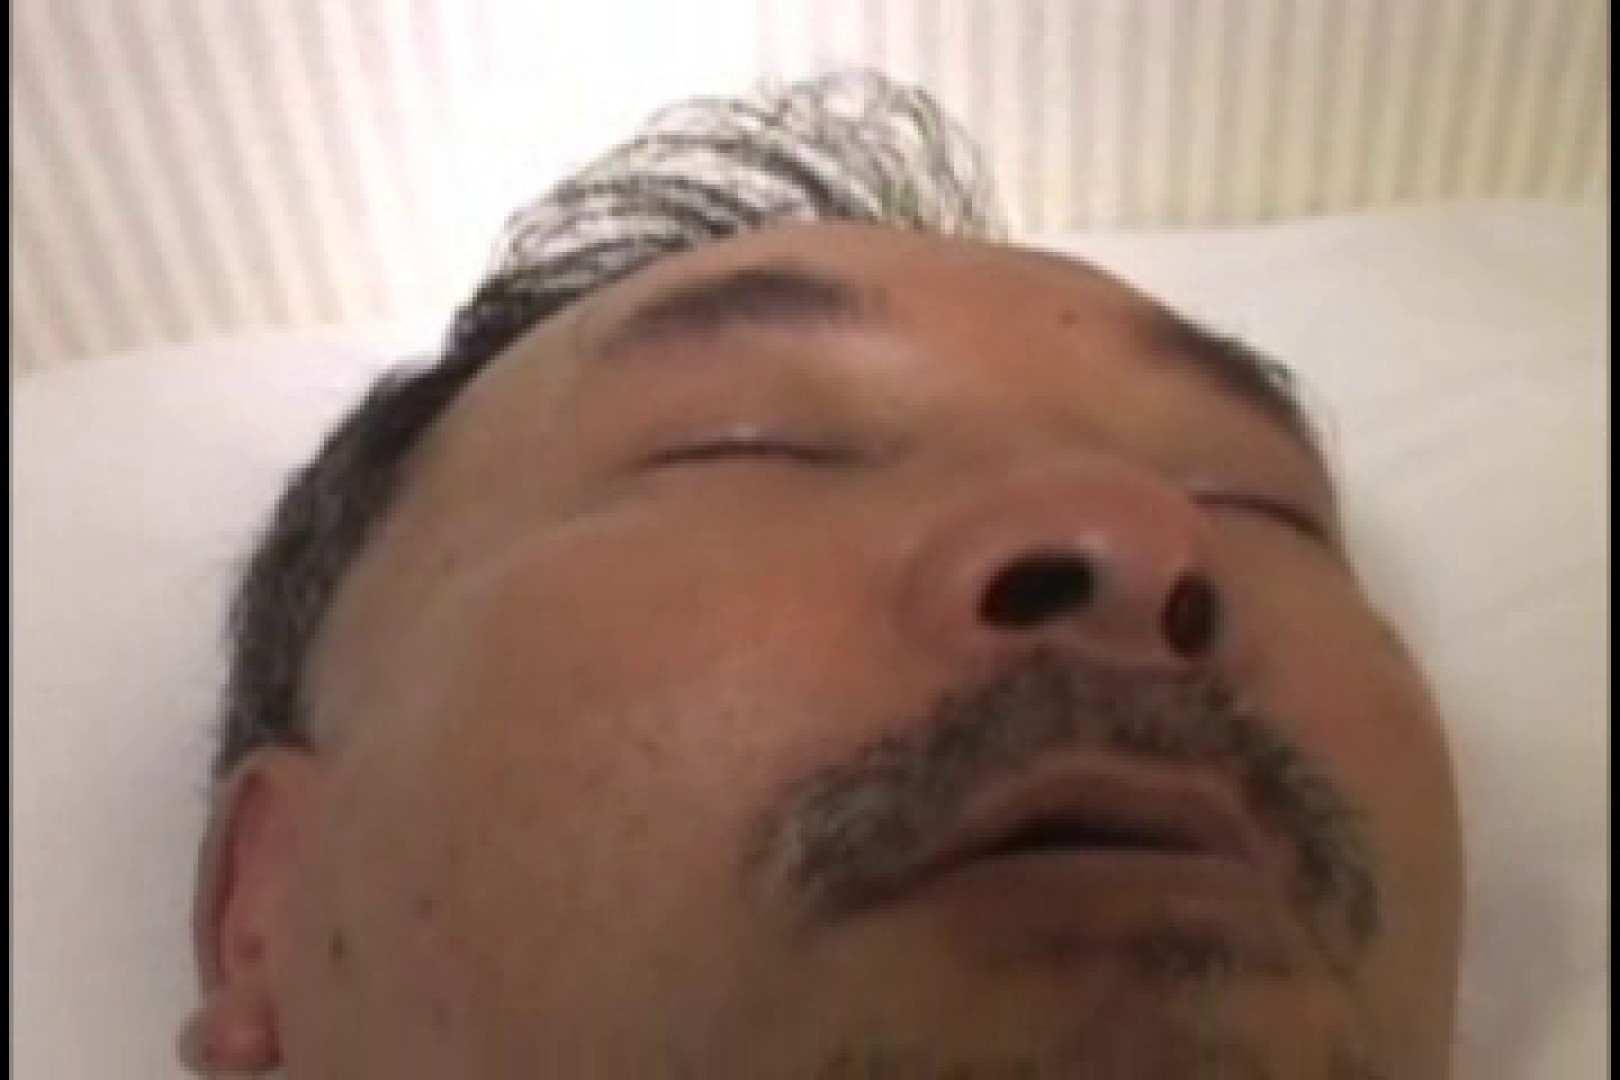 剛毛旦那のアナルレクチャー vol.02 ディルド天国 ゲイ無修正動画画像 68pic 15